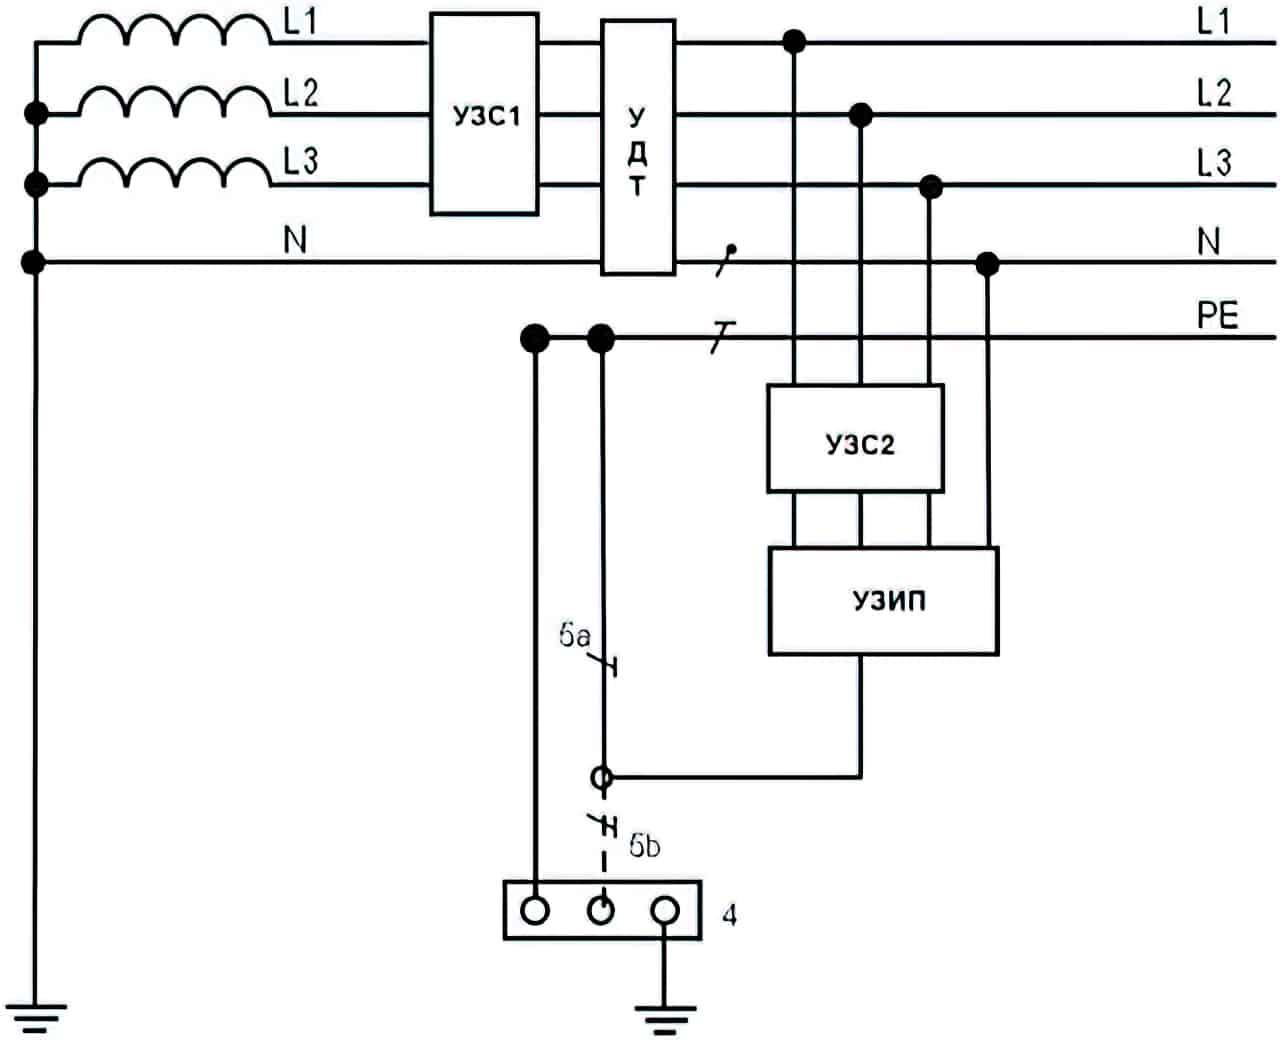 Пример установки сборки УЗИП на стороне нагрузки после главного УДТ в системе TT